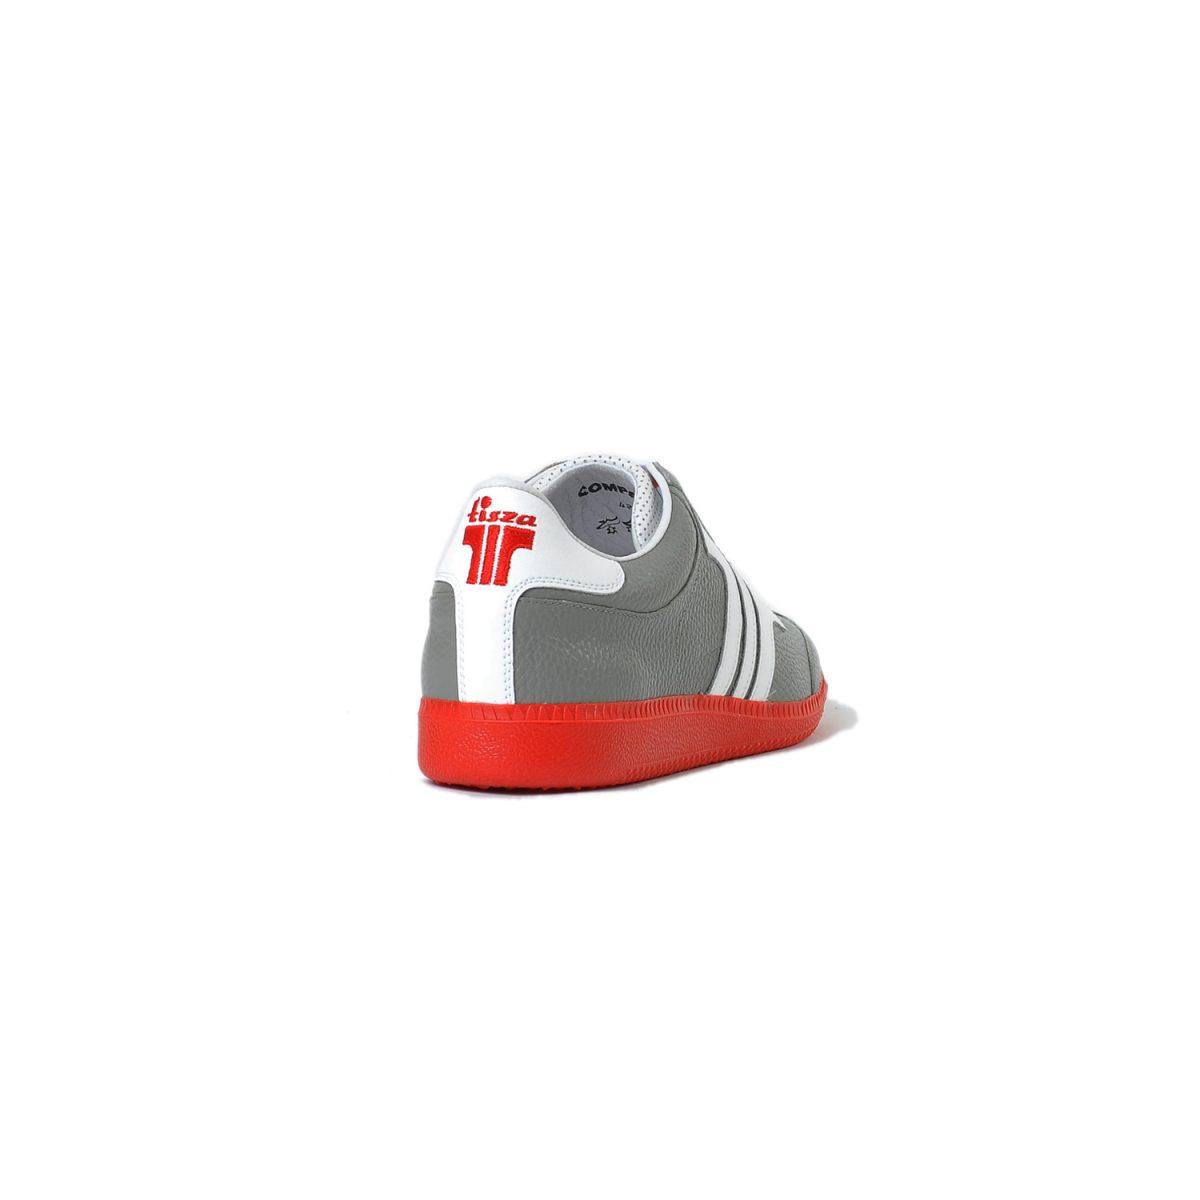 Tisza cipő - Compakt - Szürke-fehér-piros